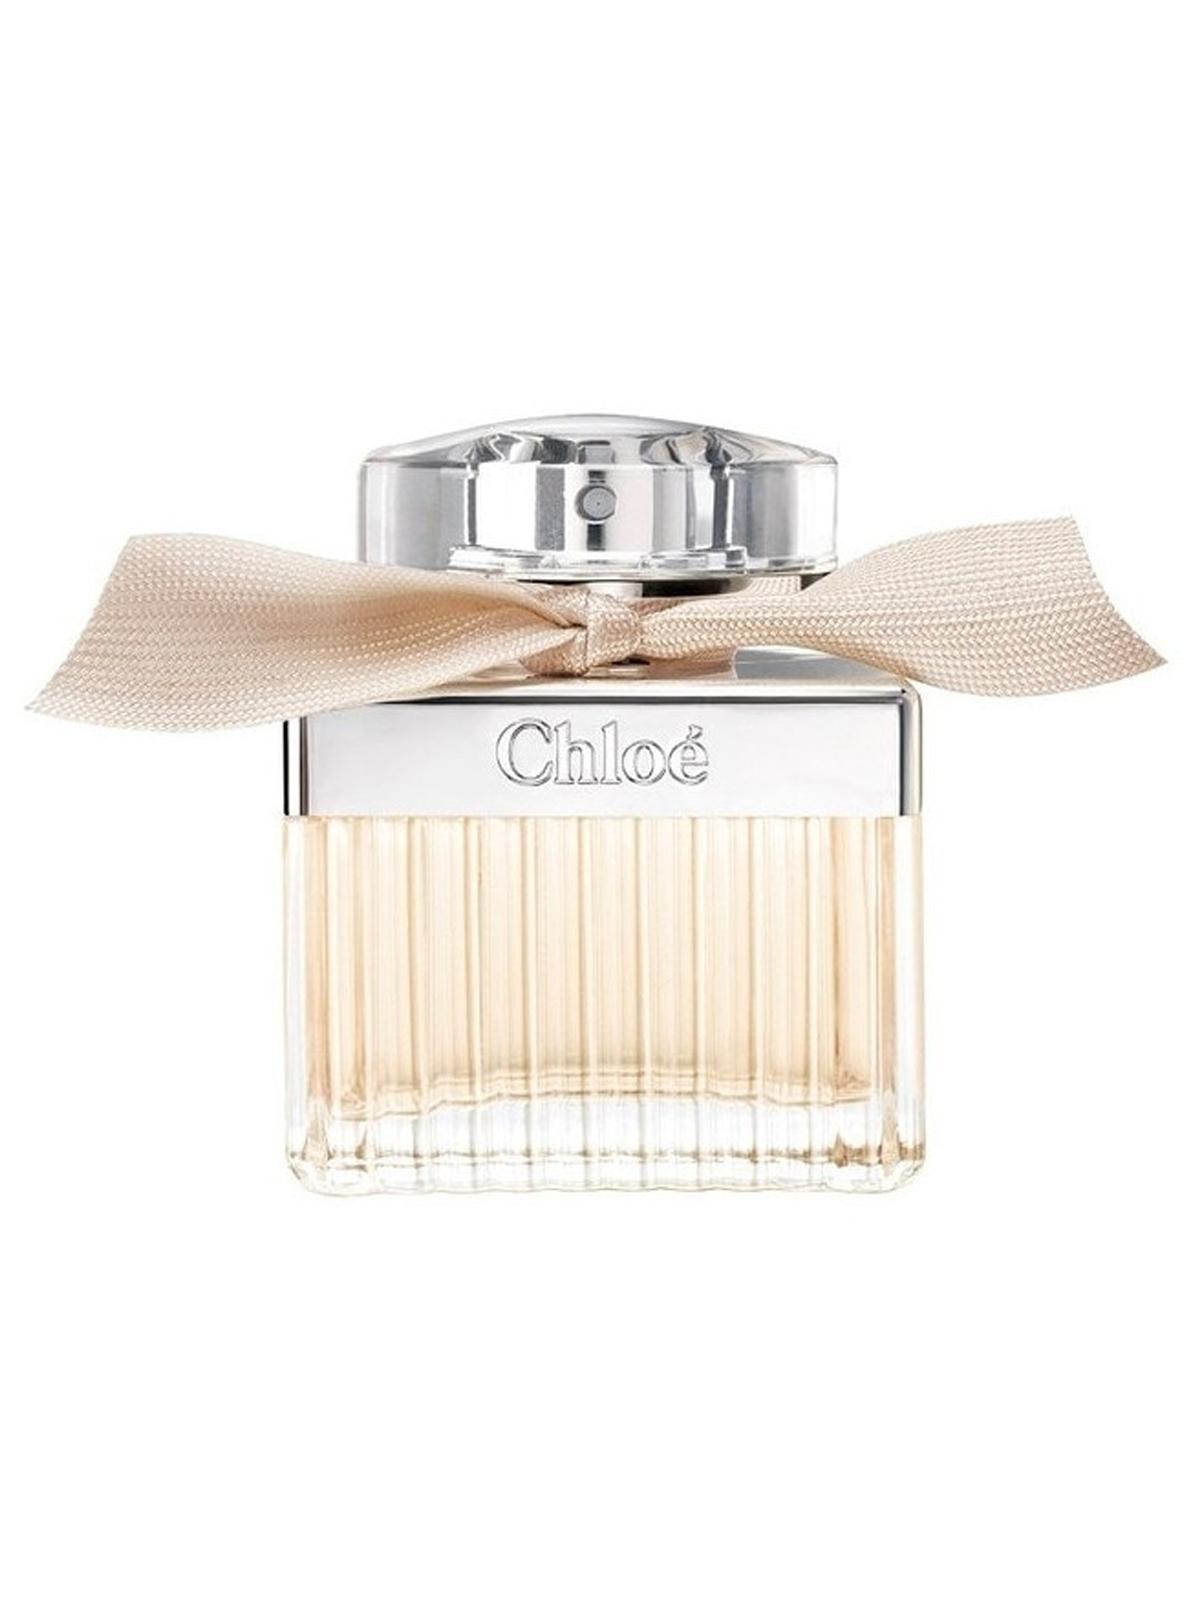 Chloe For Women Eau De Parfum